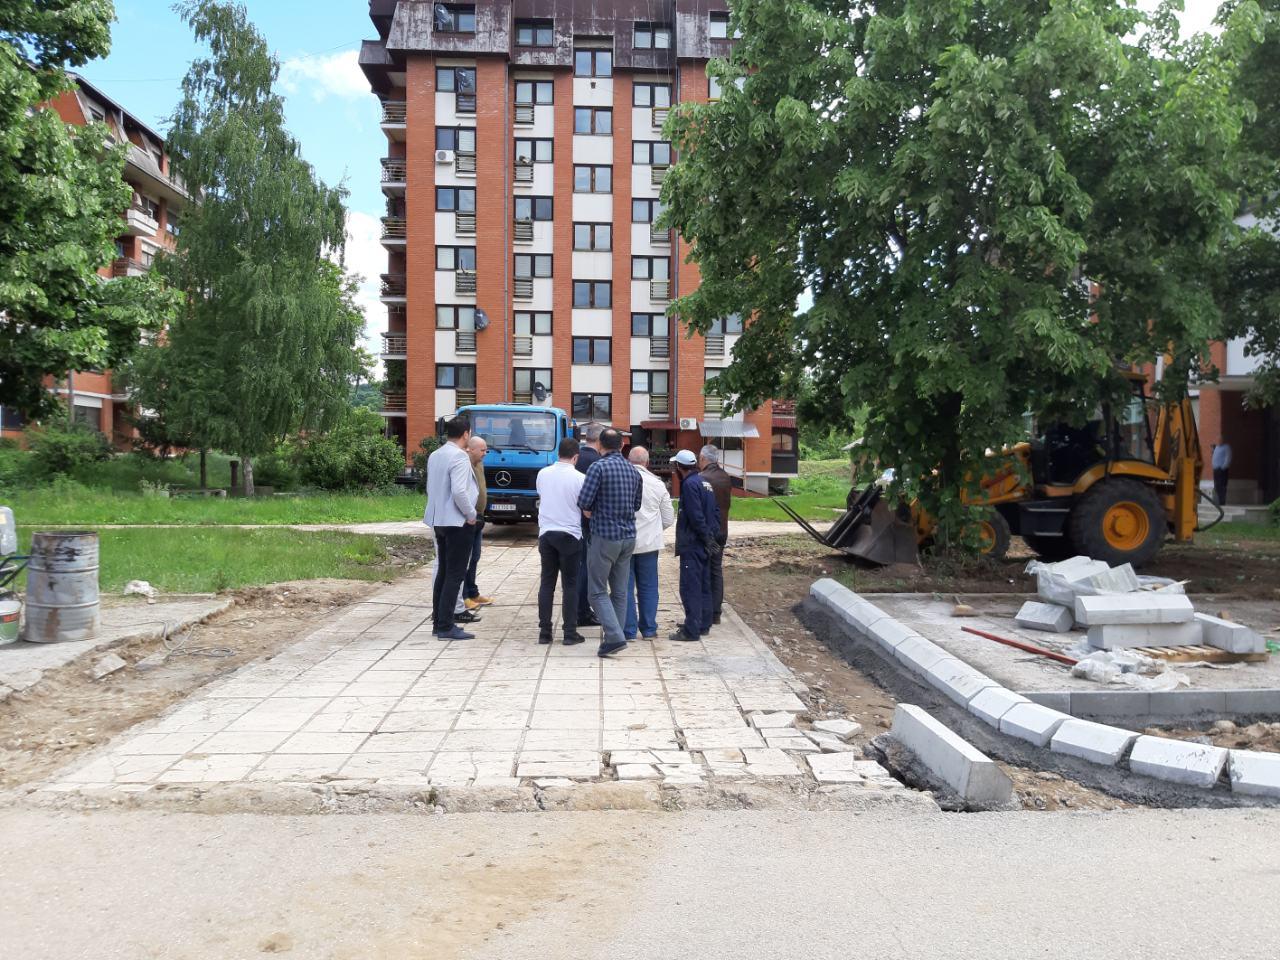 Mesto gradnje i uređenja, foto: A.S.